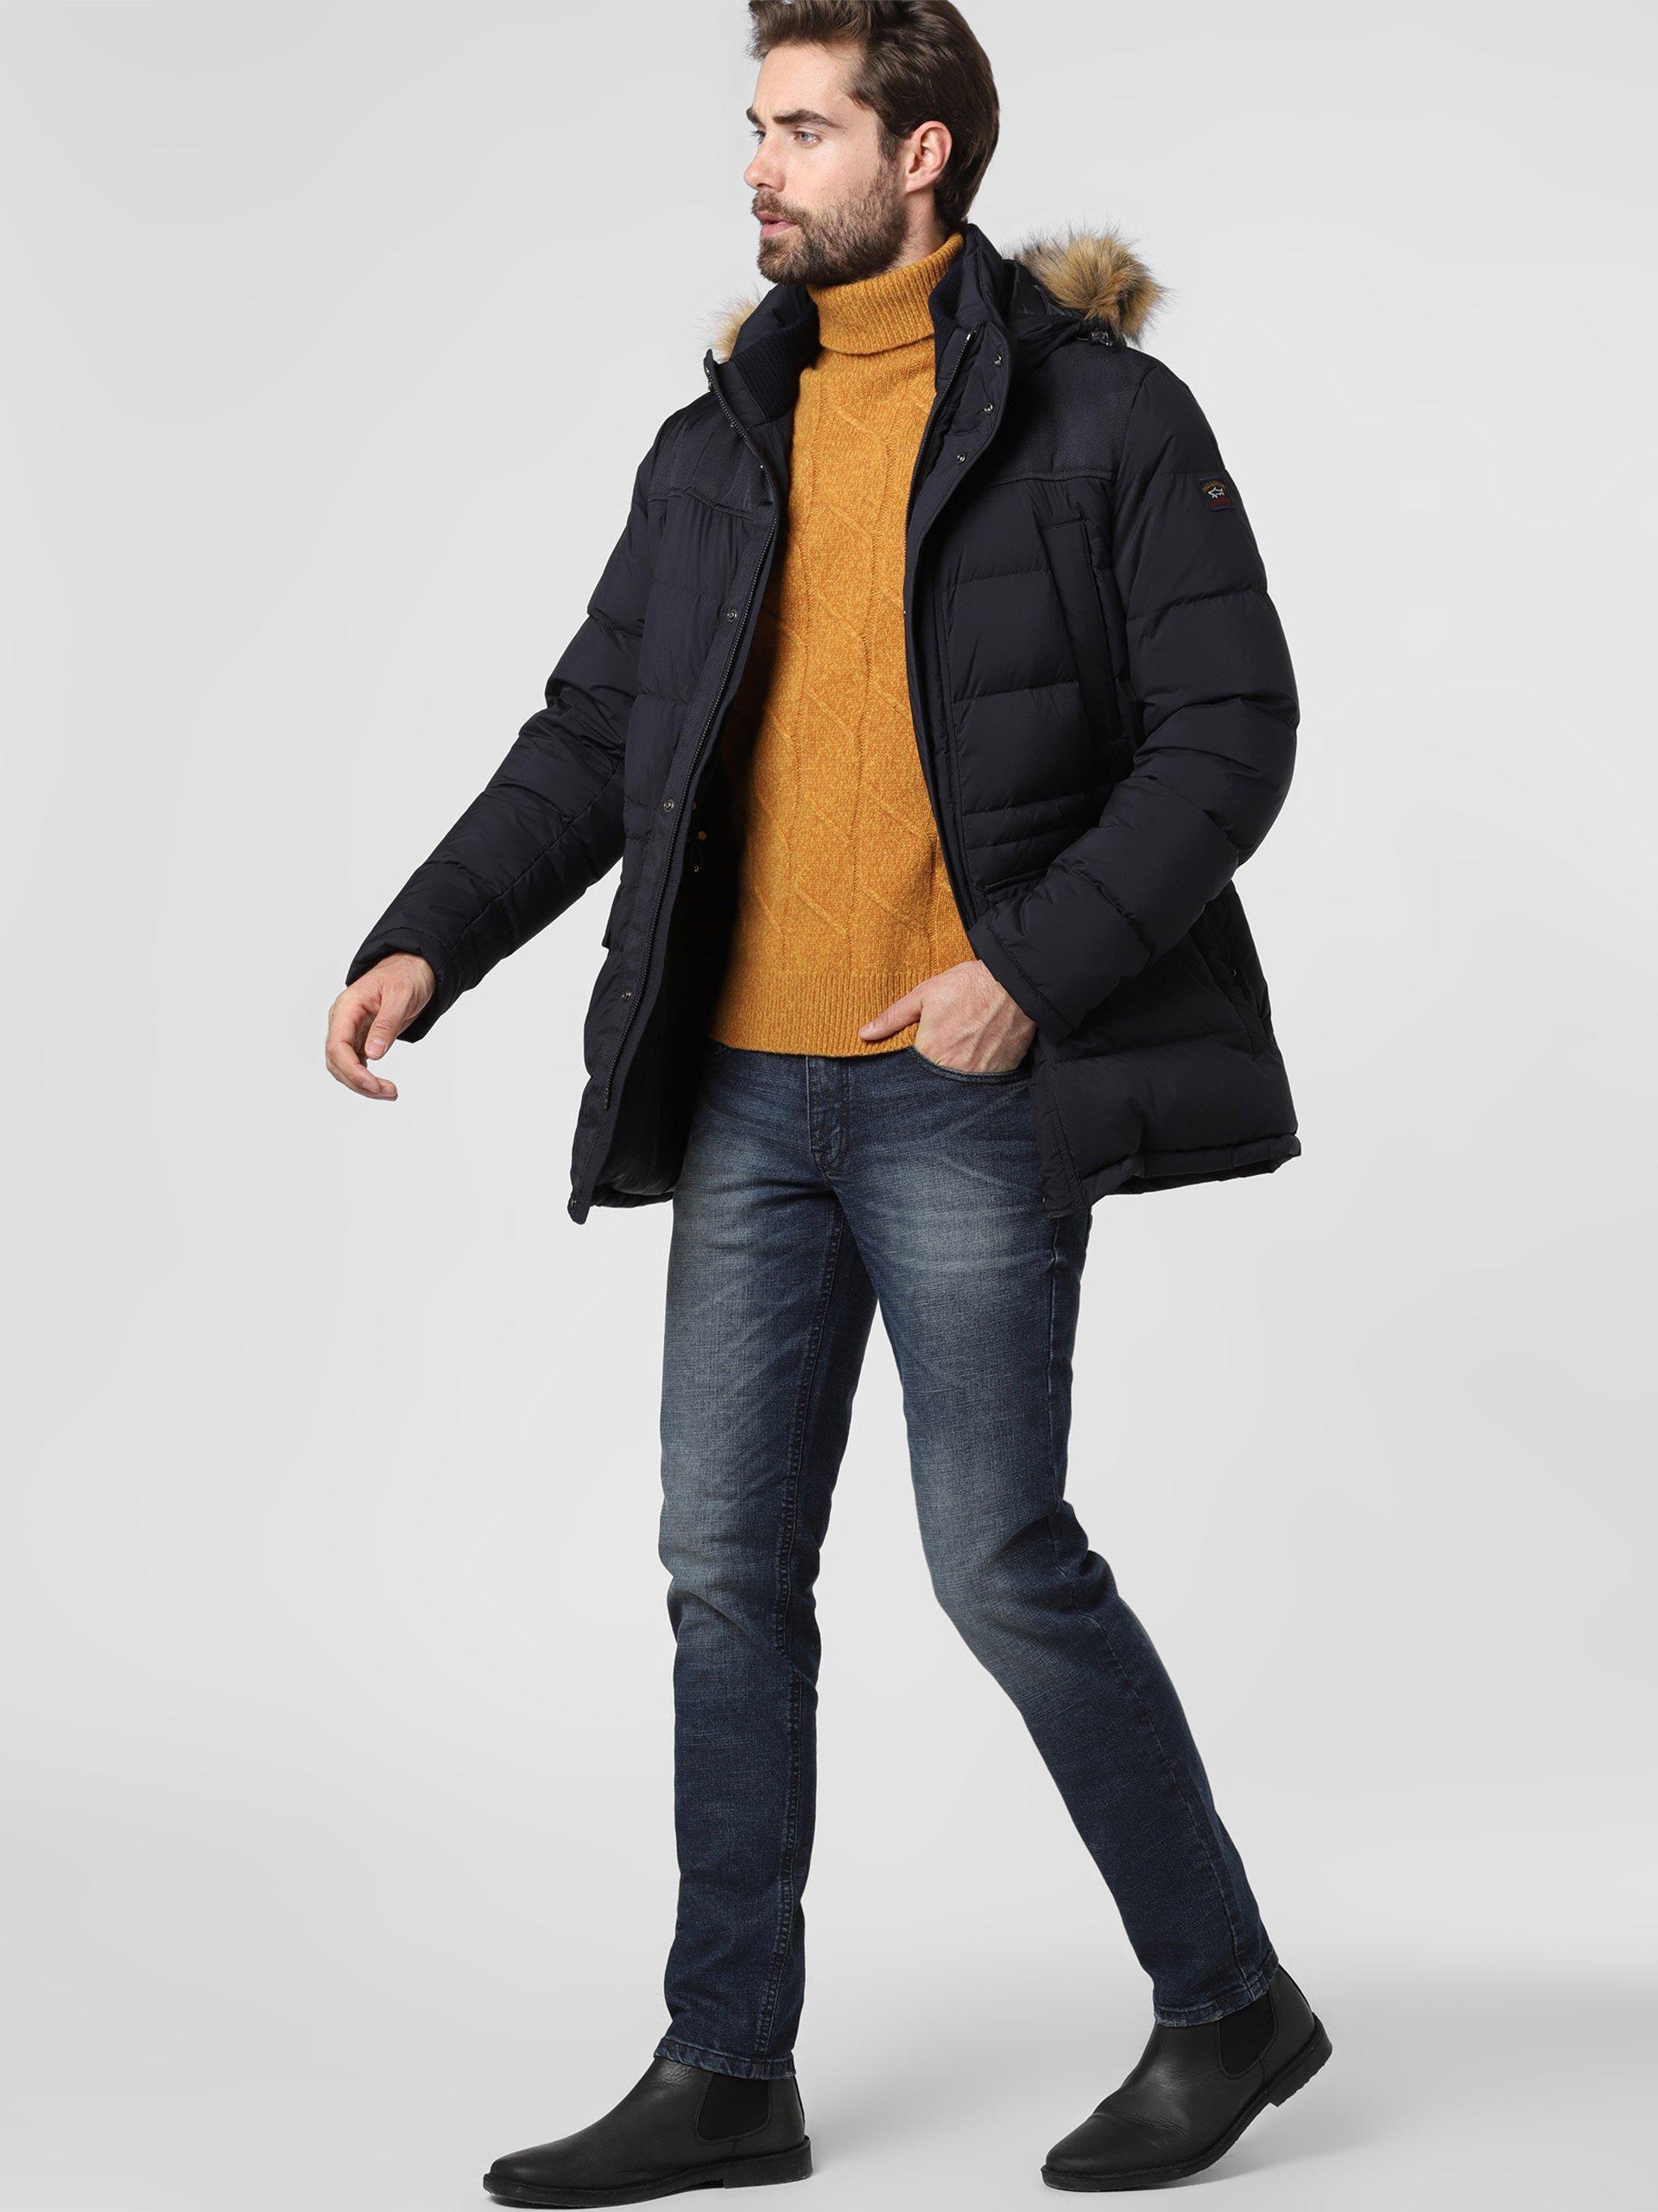 Redefined Rebel Herren Jeans - Rrcopenhagen